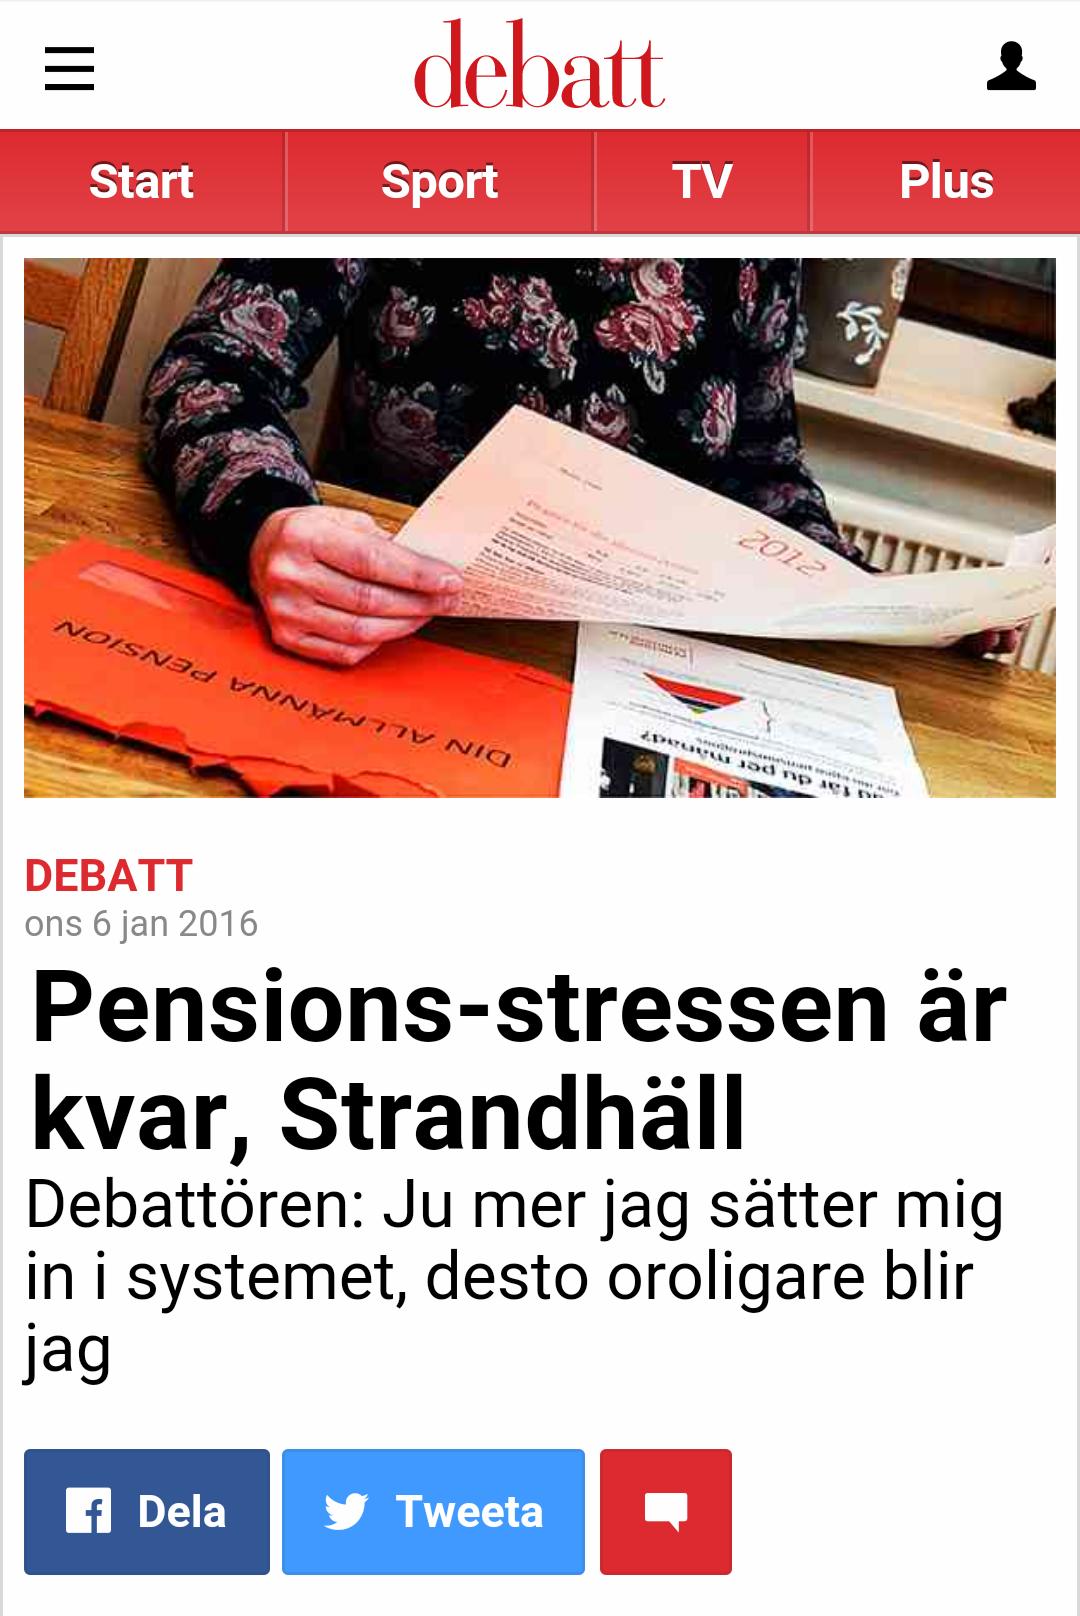 2016-01: Aftonbladet Debatt